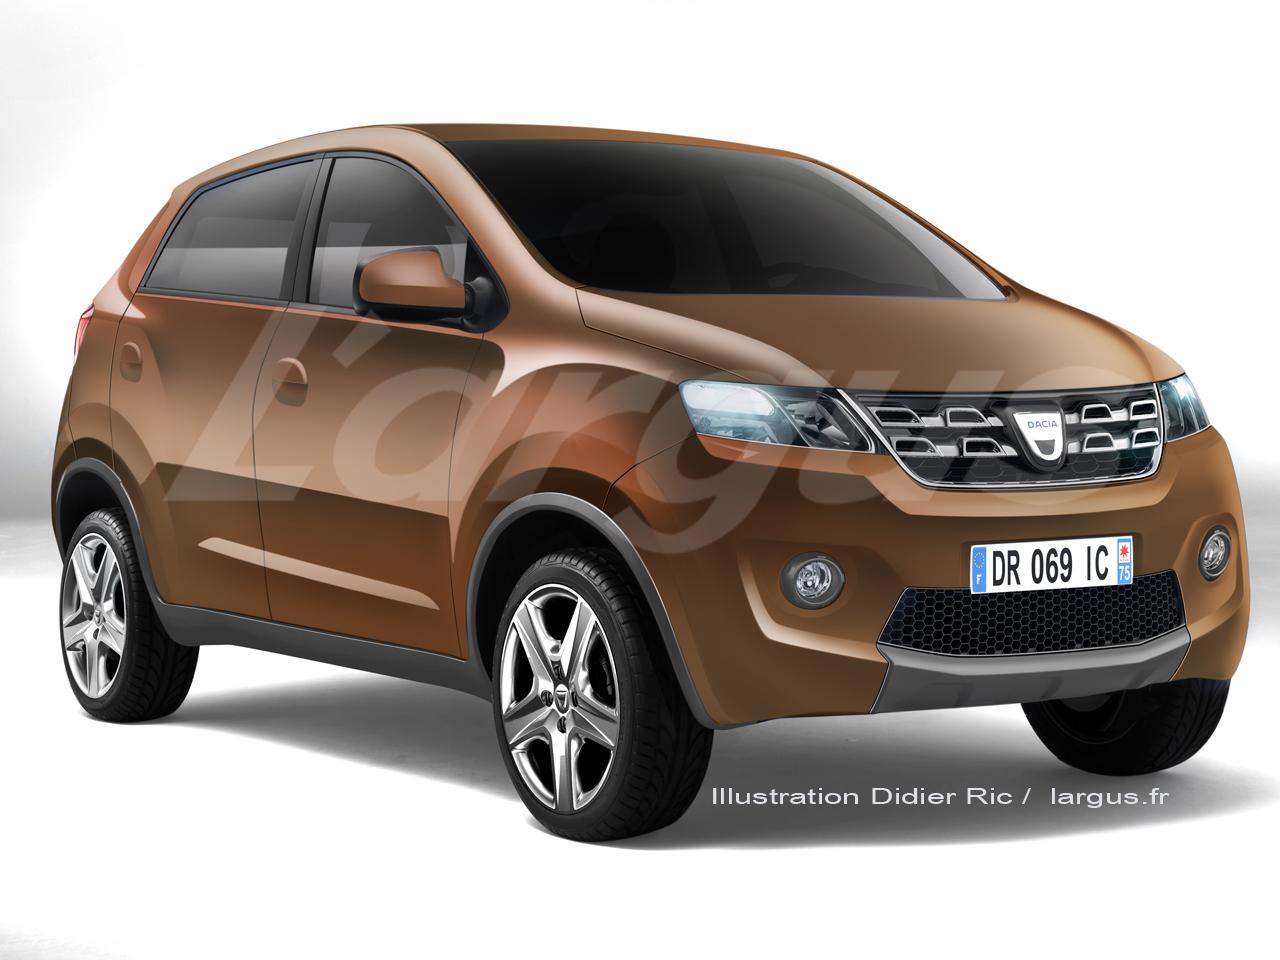 Primele poze si informatii cu noul model Dacia City